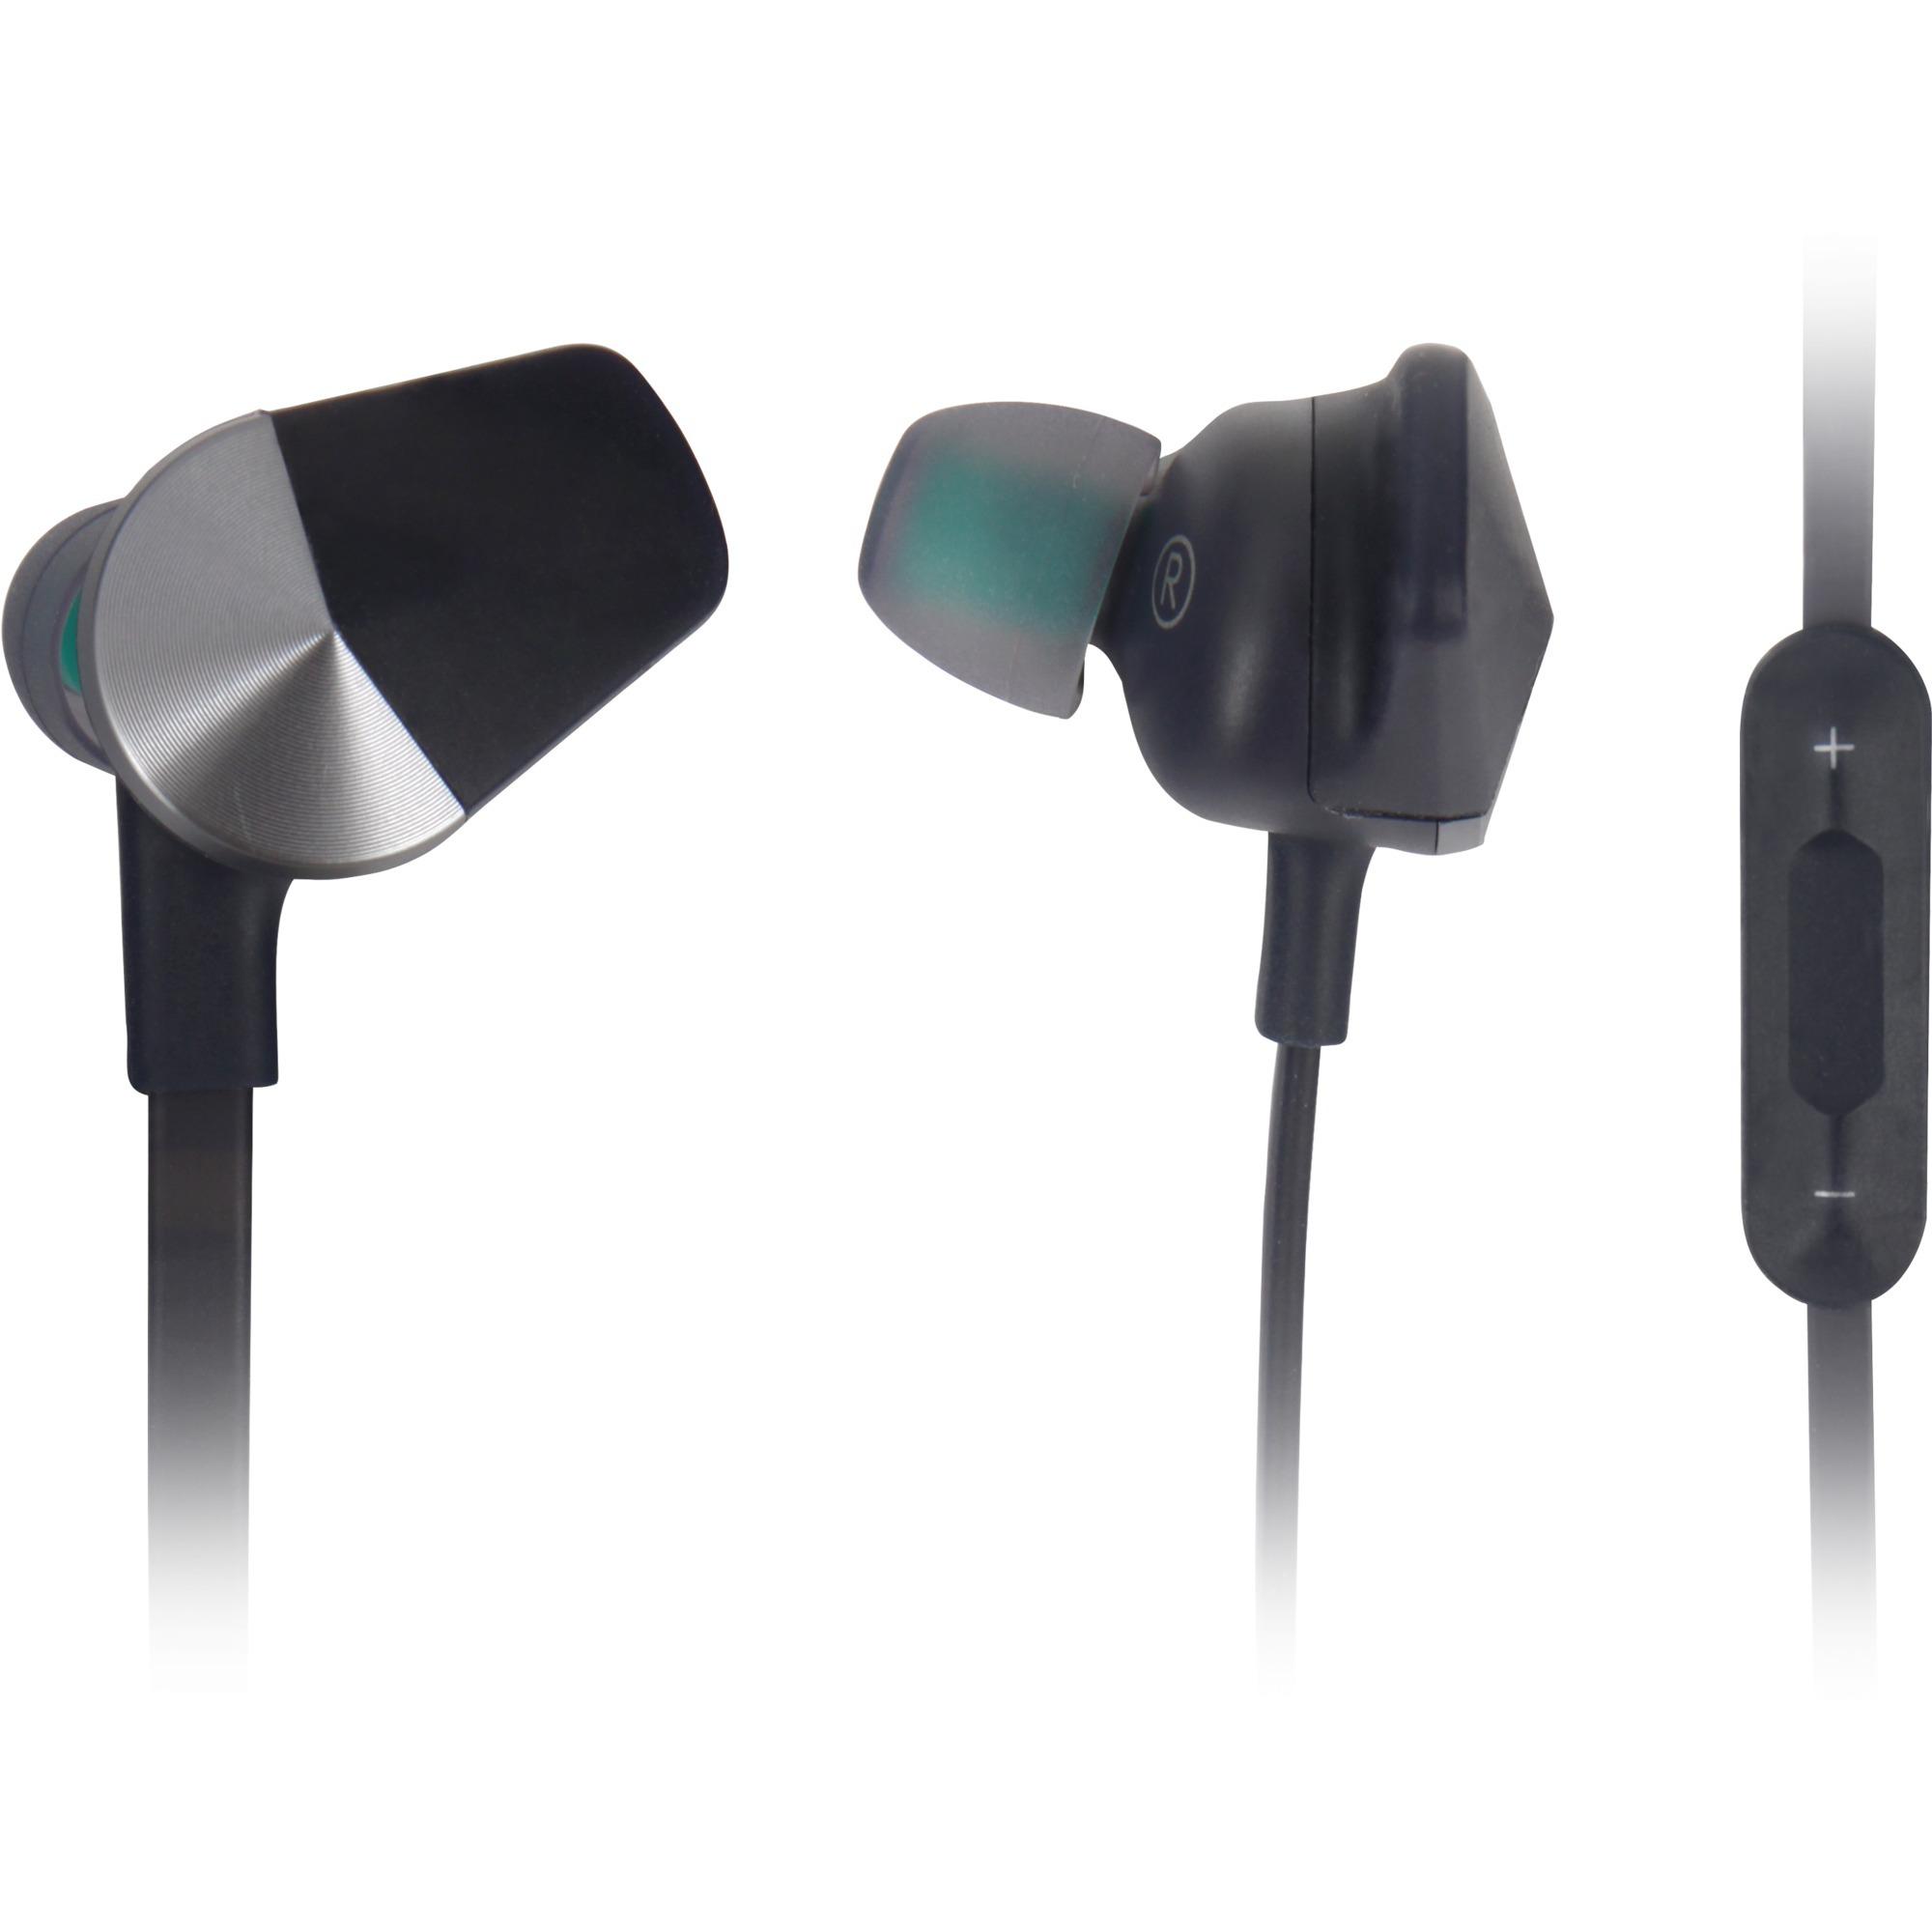 Flyer auriculares para móvil Binaural Dentro de oído Azul, Gris